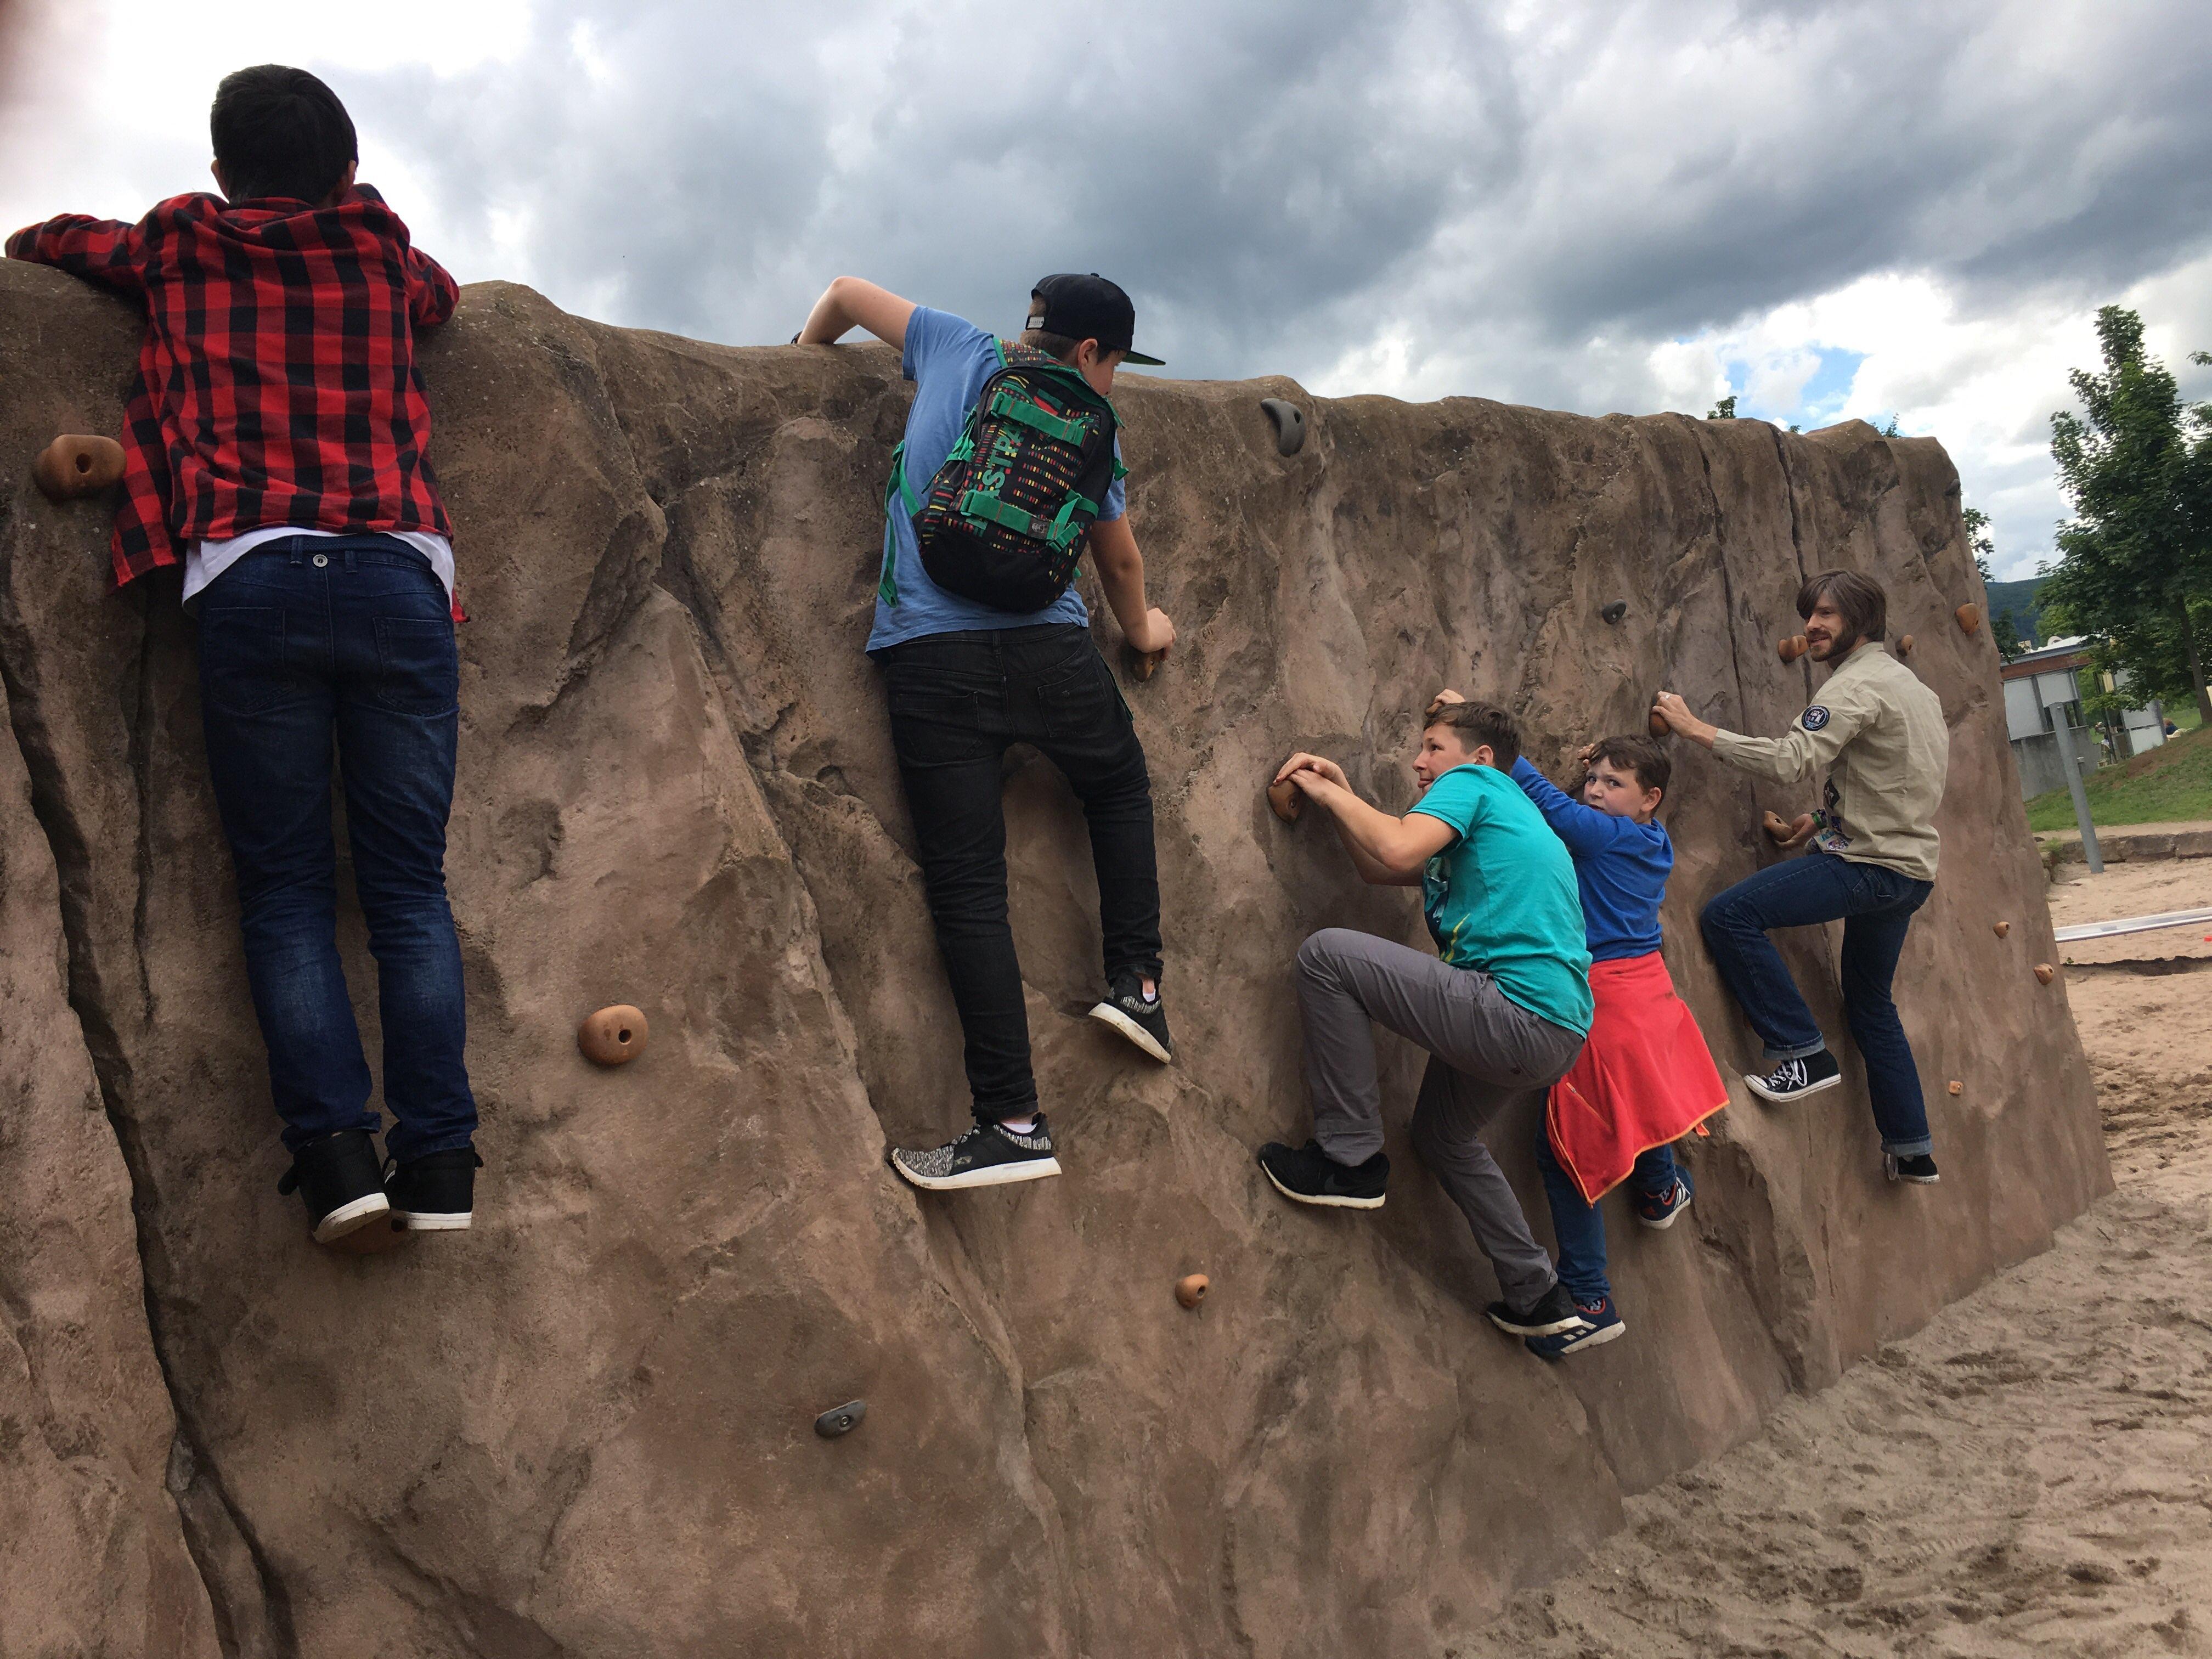 Auch das Abhängen an der Kletterwand im Park am Mäuseturm gehörte zu den Aufgaben.